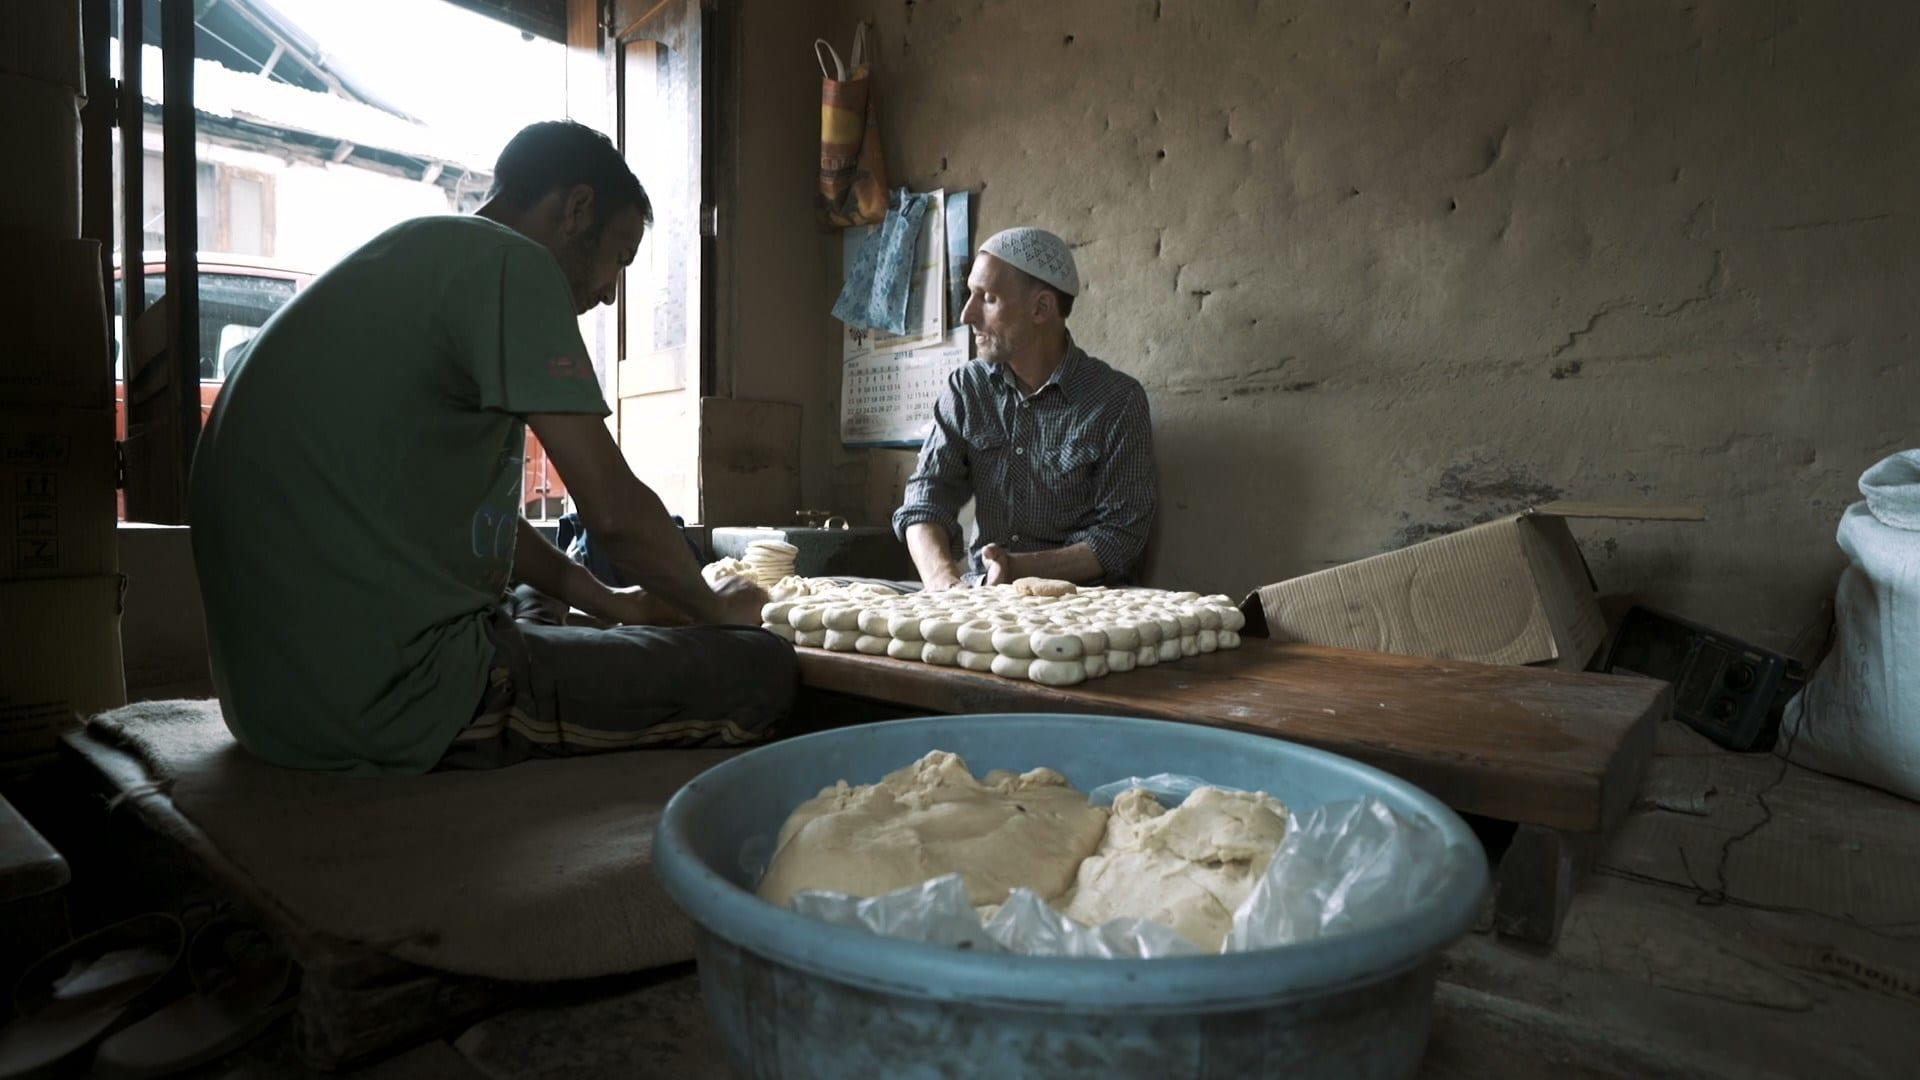 Una scena di un film sul cibo girato in un laboratorio artigianale